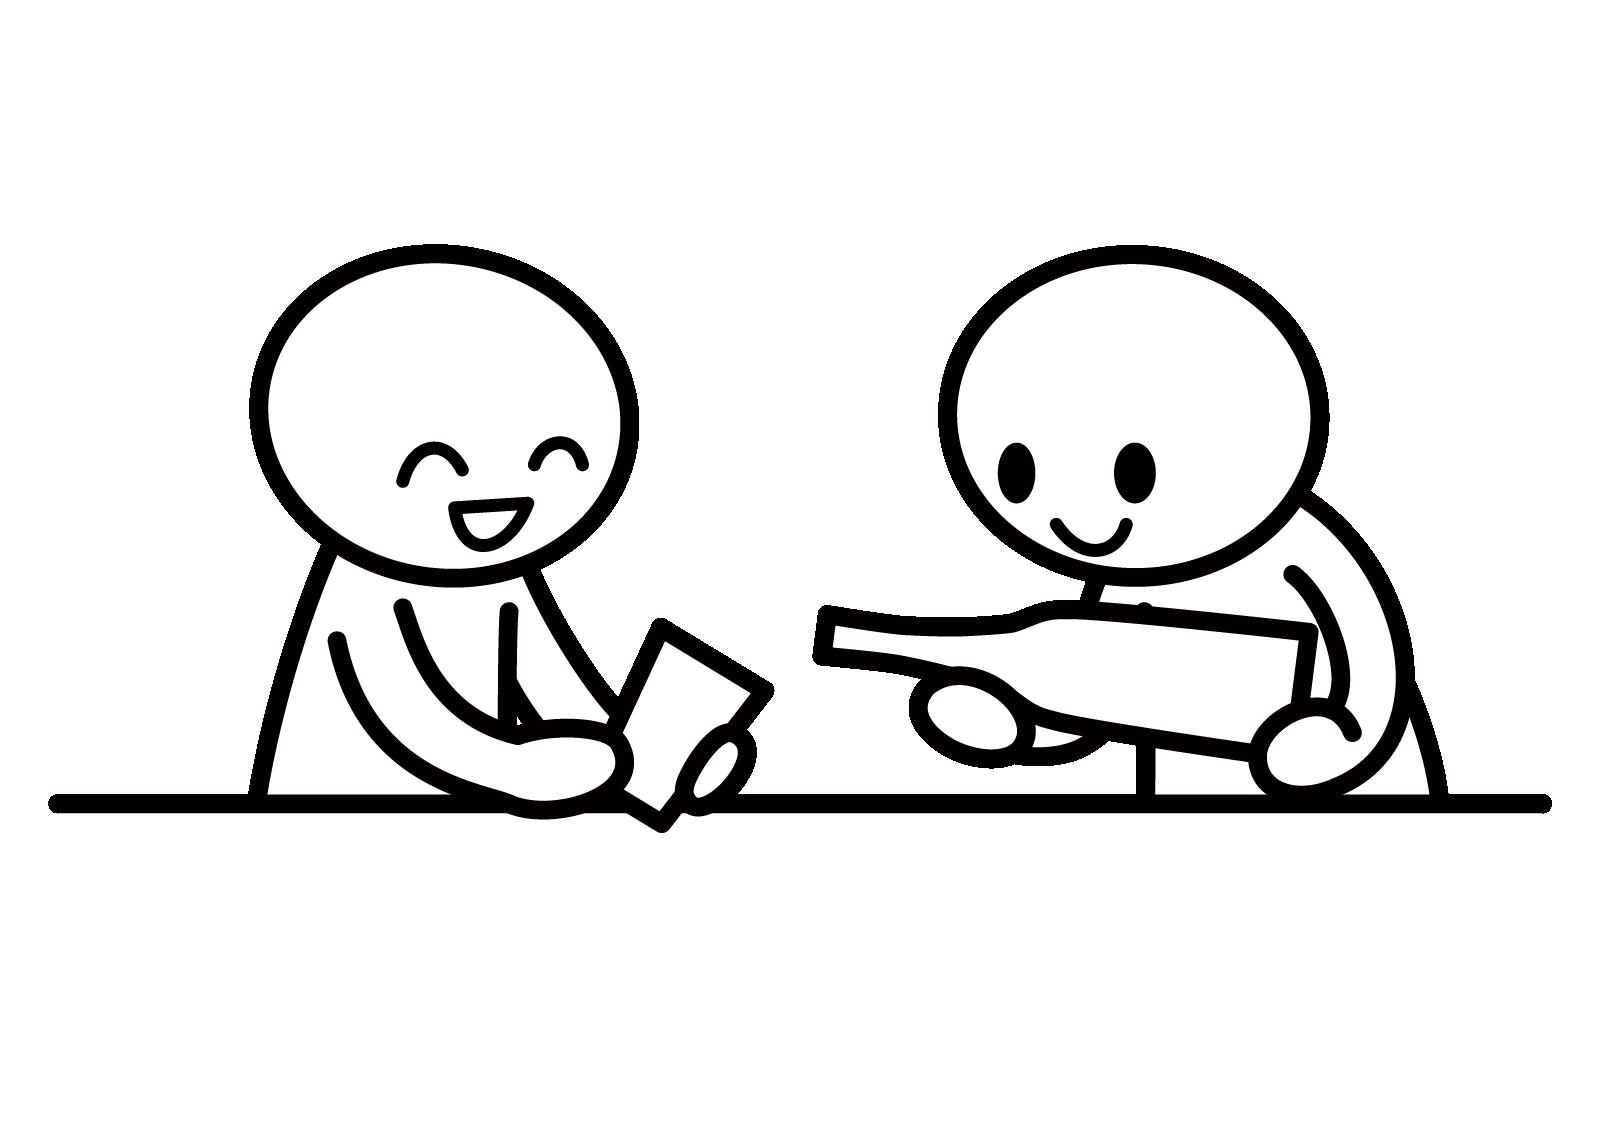 「いただきます」「ごちそうさま」「おかわり」【食事関する中国語】